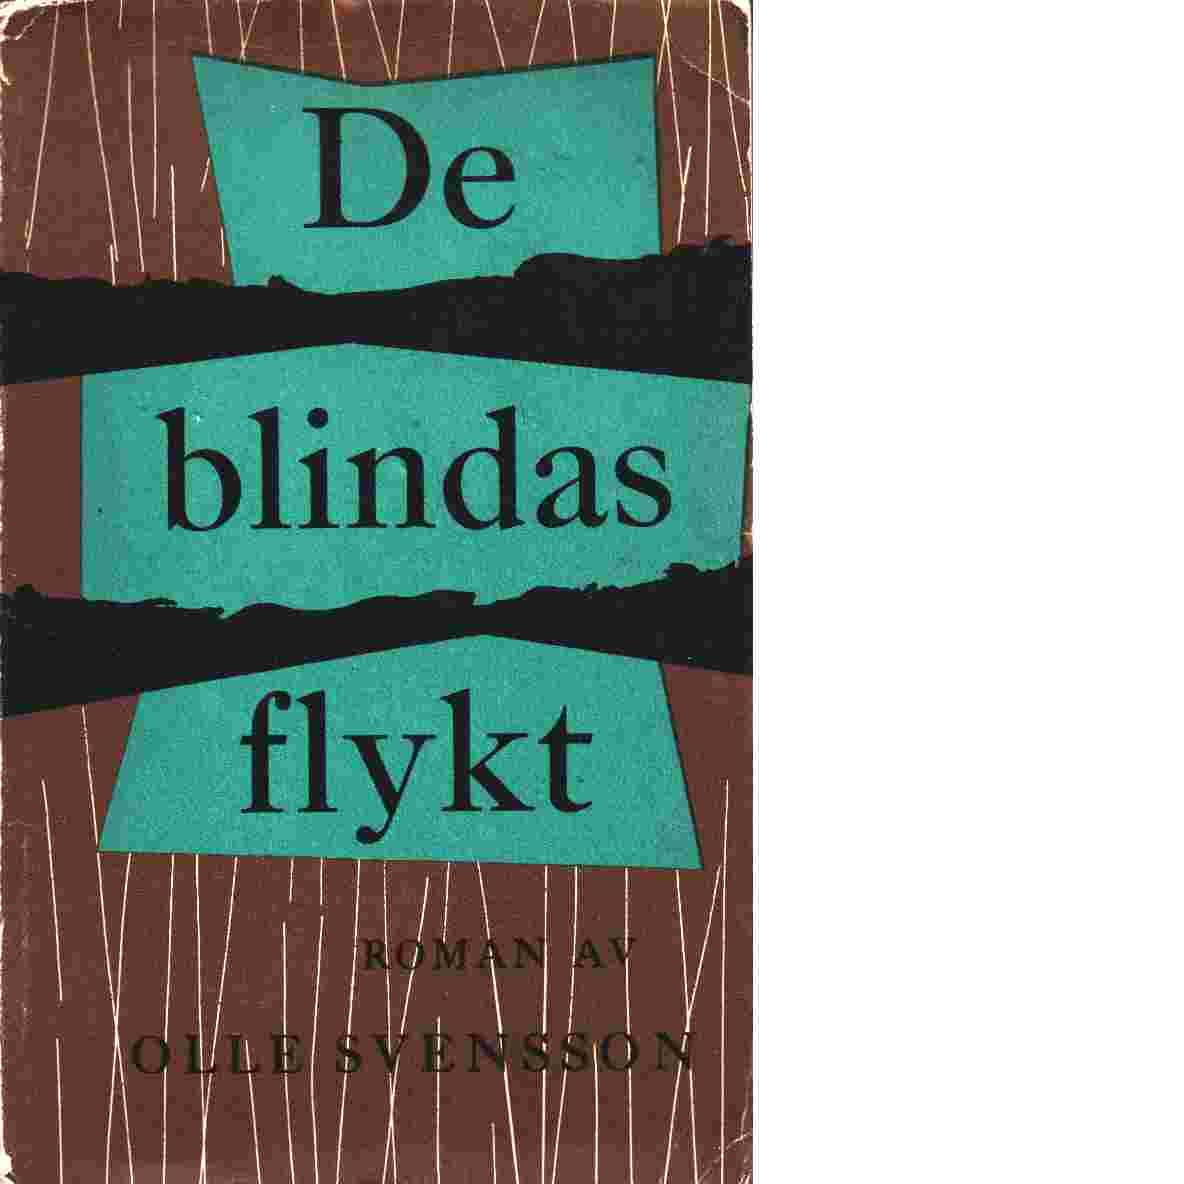 De blindas flykt - Svensson, Olle